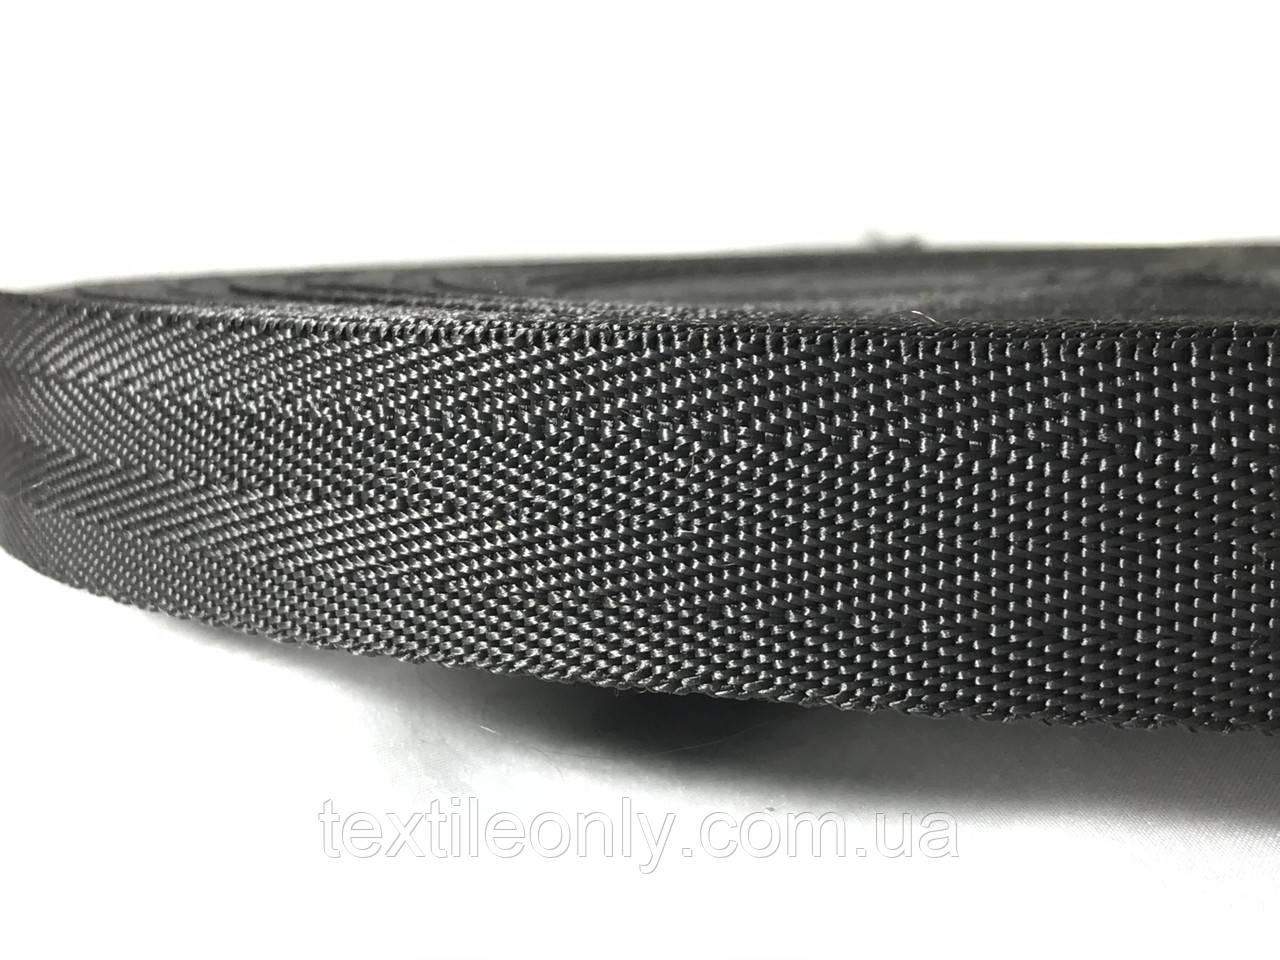 Тесьма сумочная ёлка цвет черный 25 мм